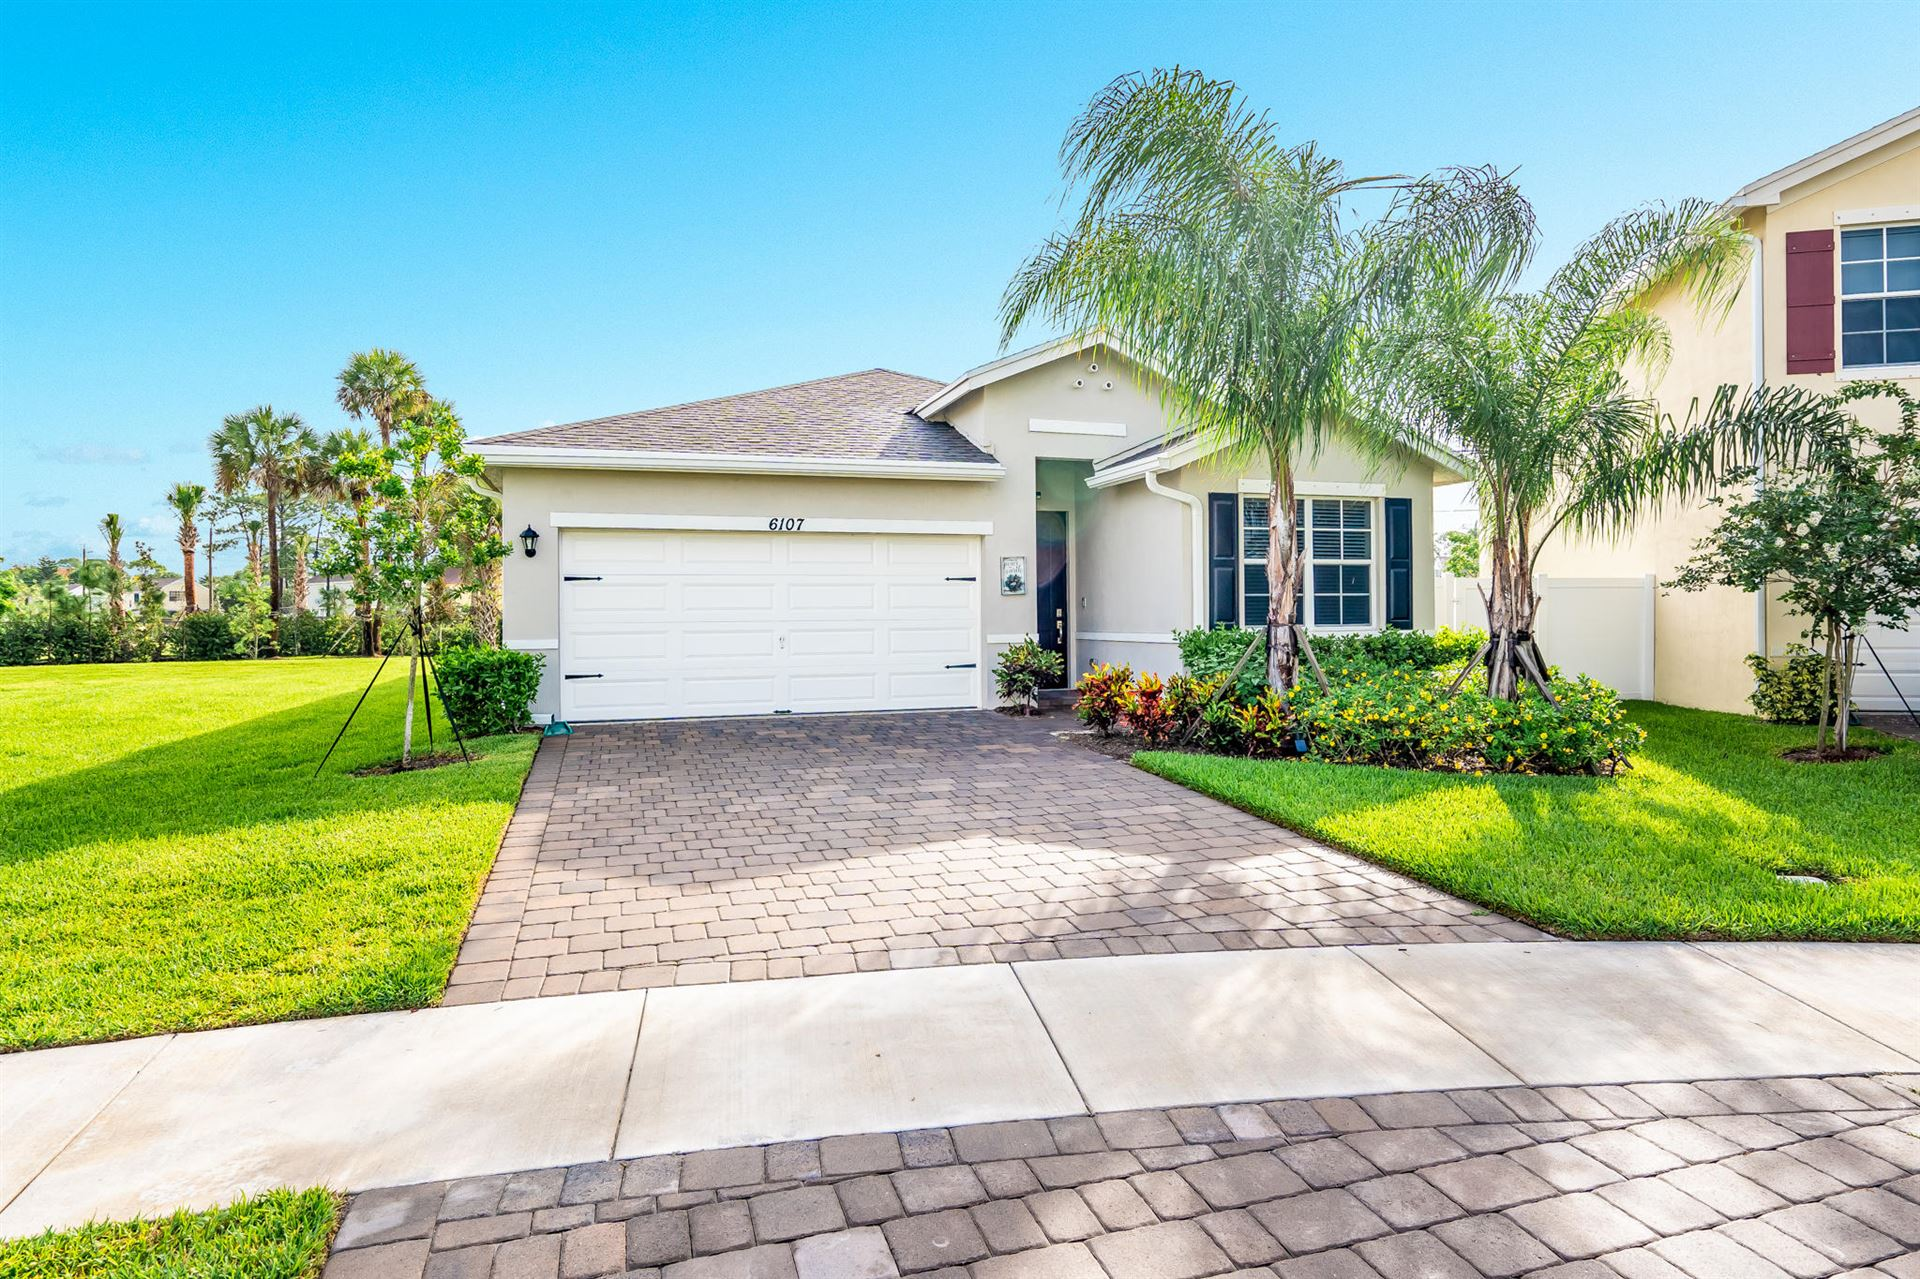 6107 Wildfire Way, West Palm Beach, FL 33415 - #: RX-10625481